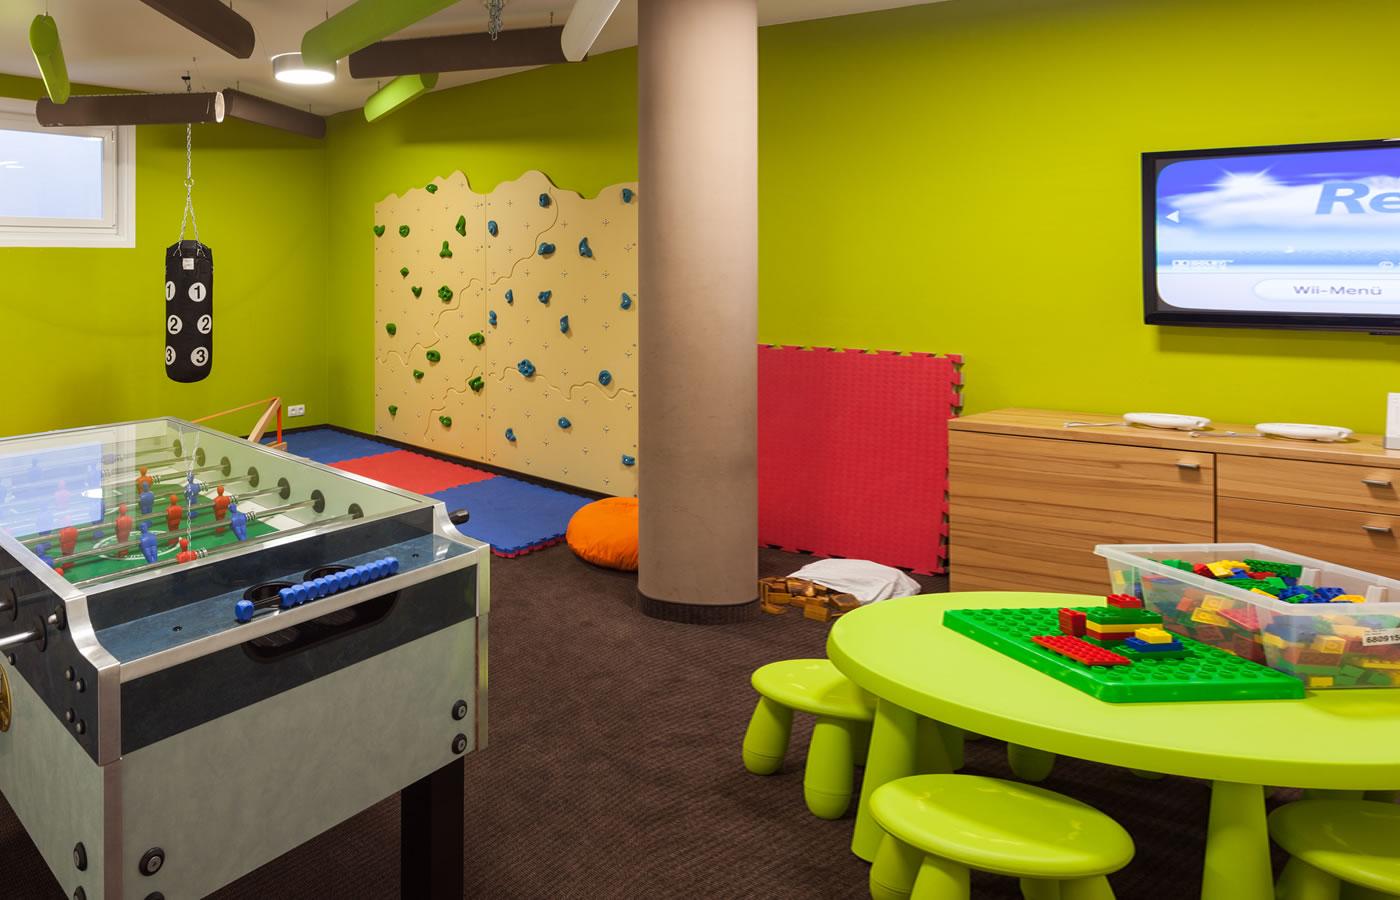 Kinderspielzimmer im Hotel Natürlich. Kinder und Baby-Urlaub in TIrol.